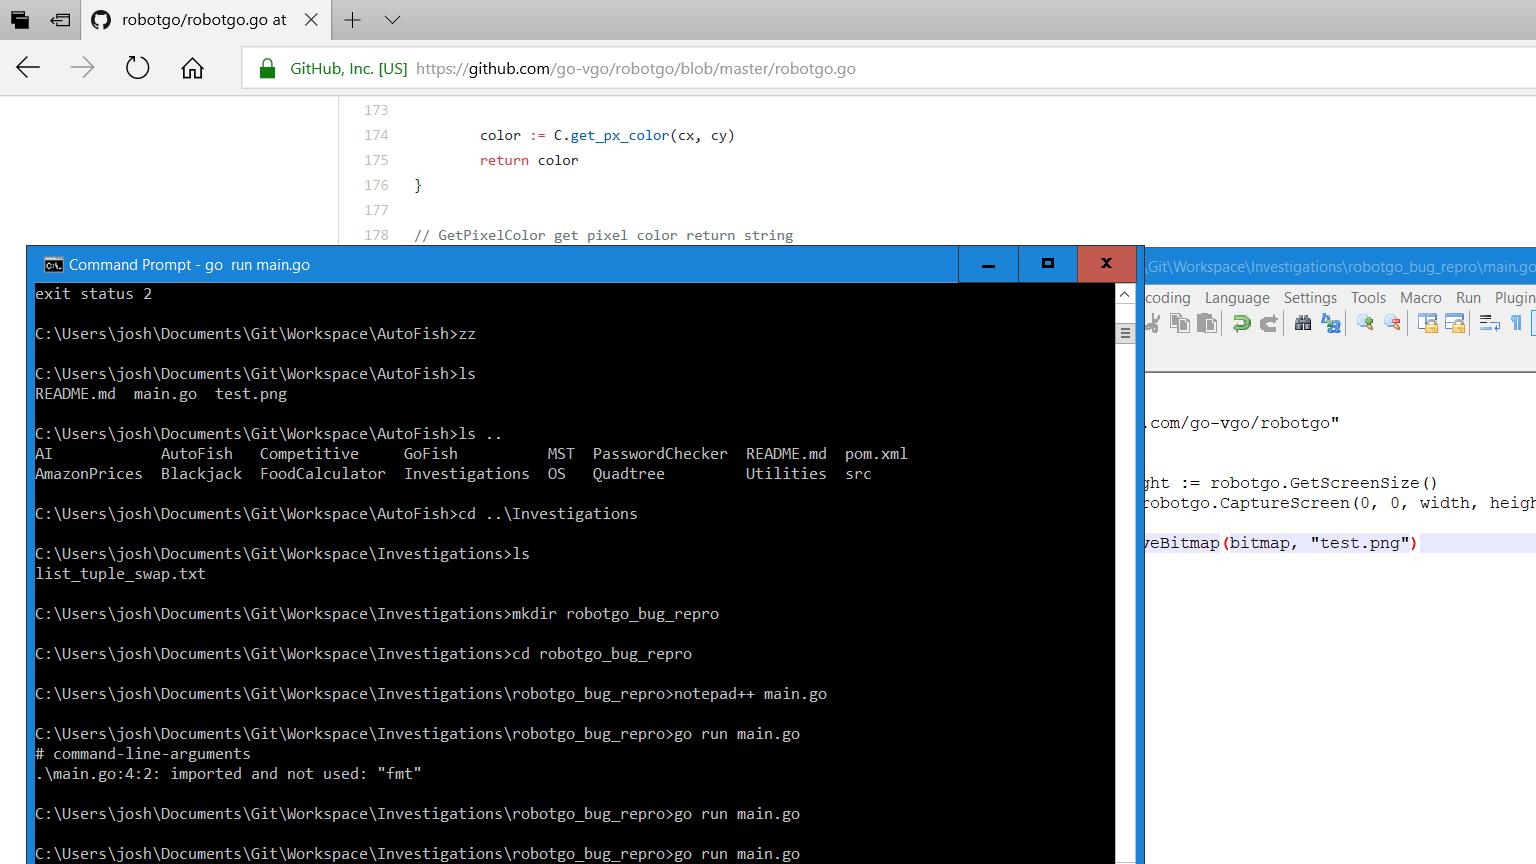 Windows 10 GetScreenSize too small · Issue #129 · go-vgo